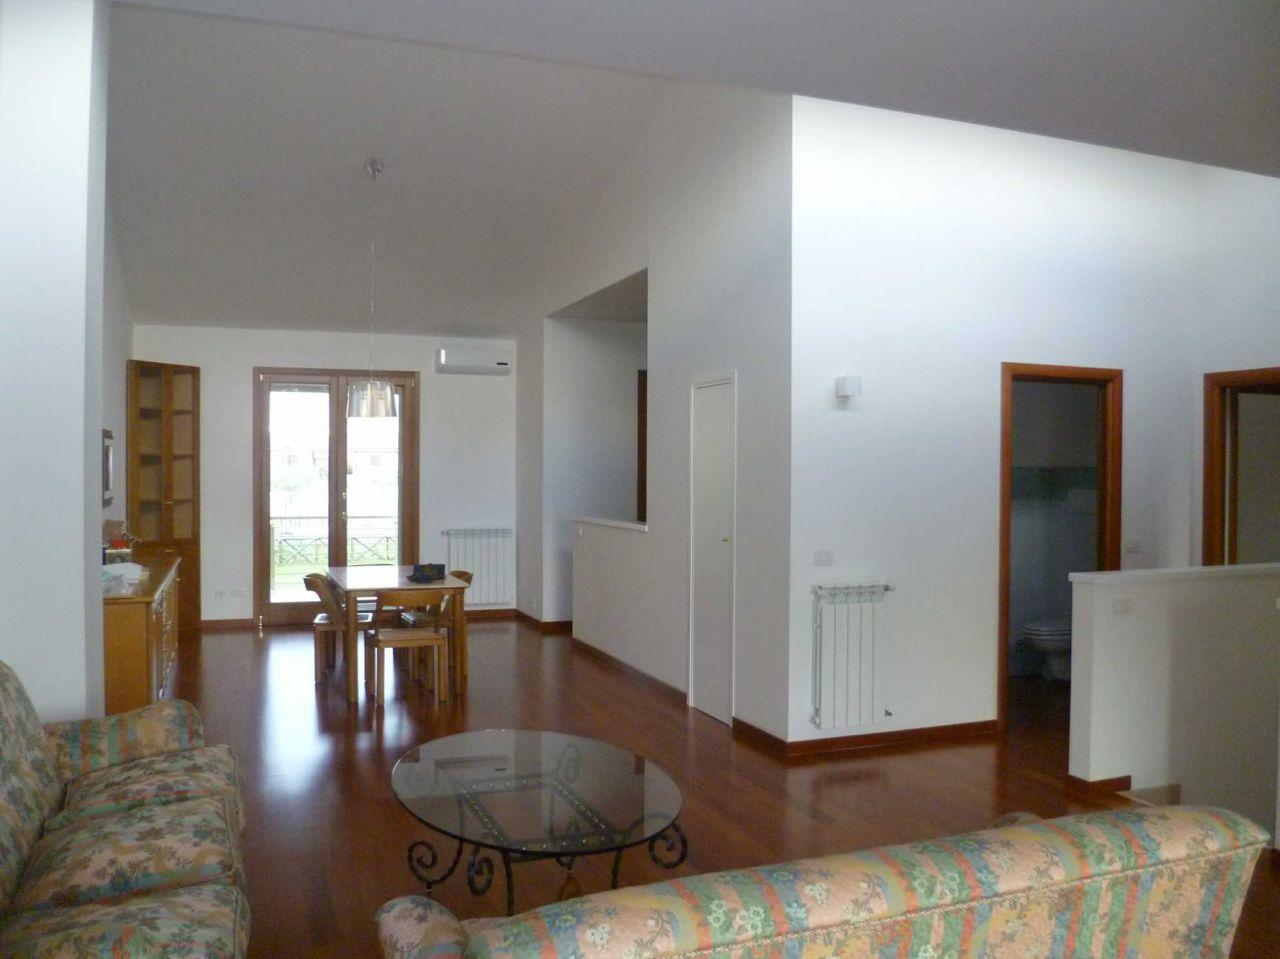 affitti appartamenti roma 500 euro